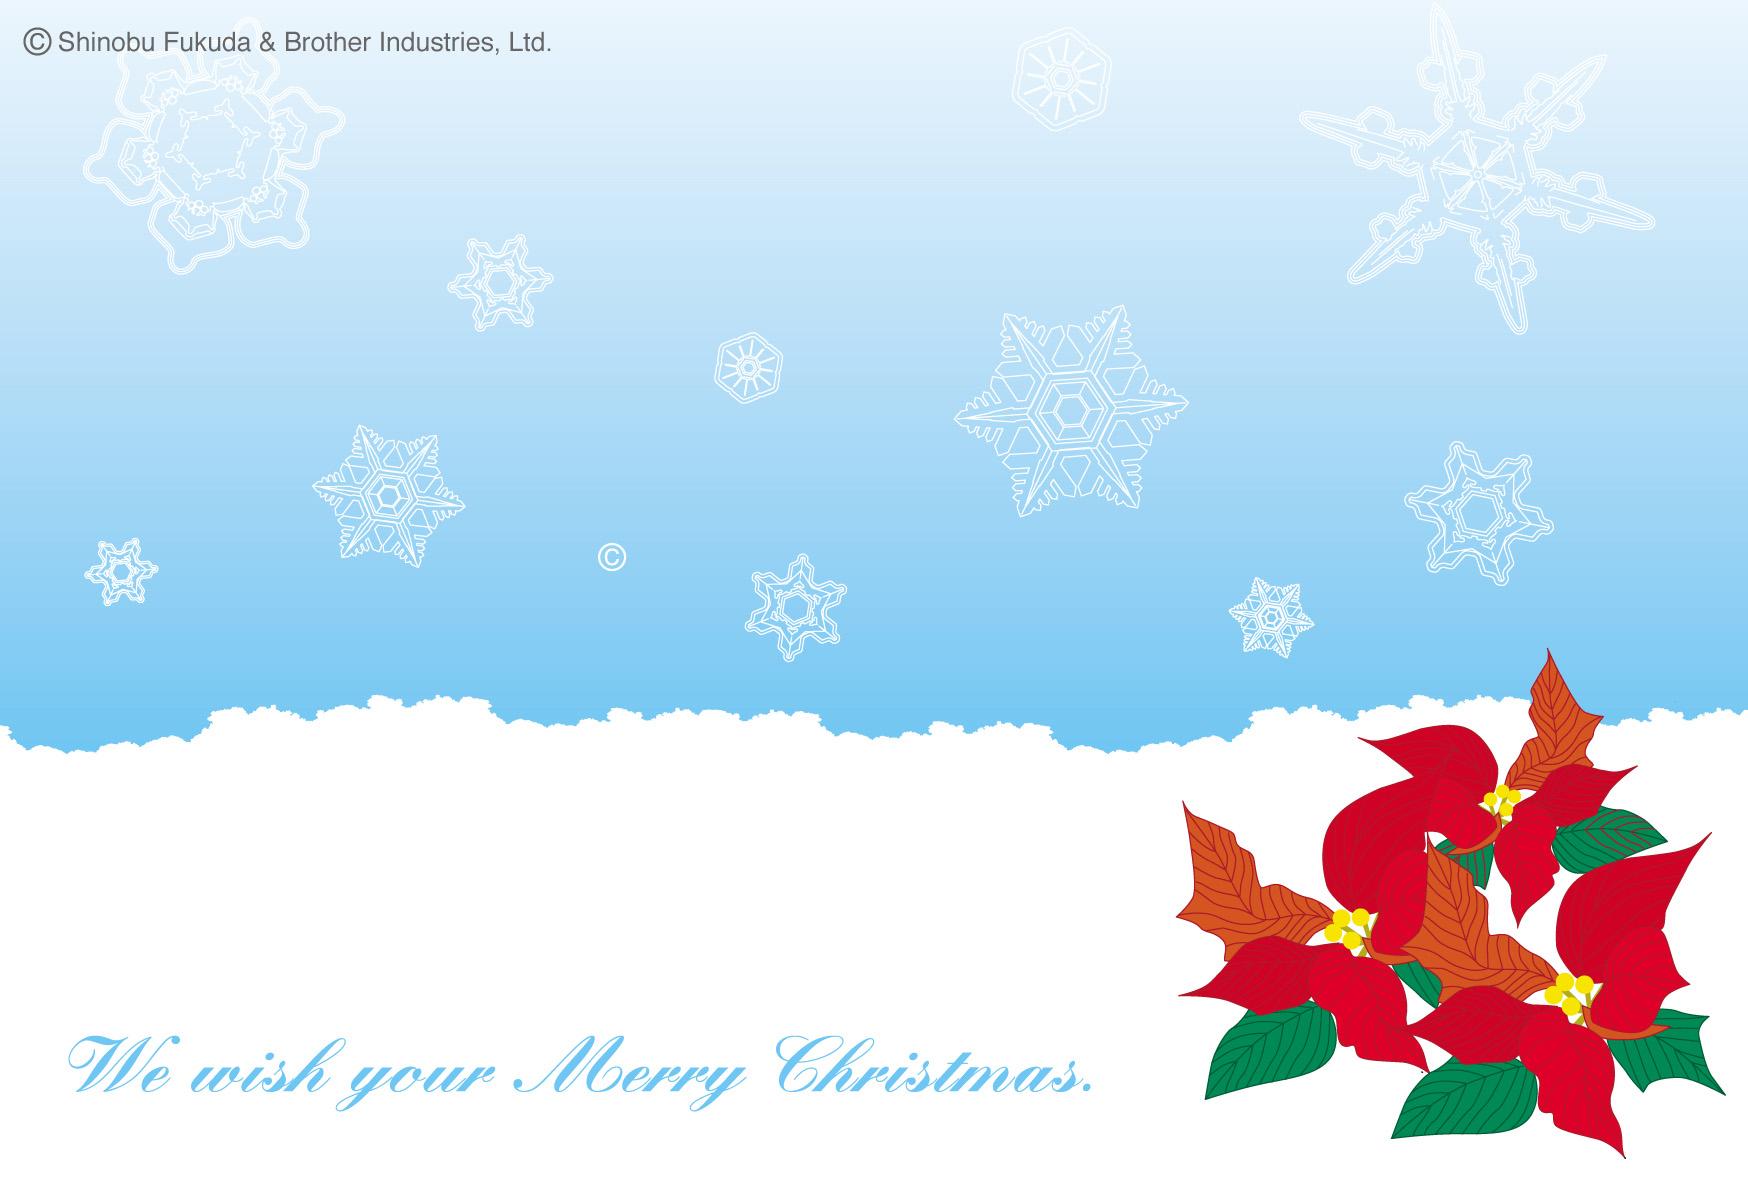 カード クリスマスカード 無料ダウンロード : ... 無料ダウンロード   ブラザー